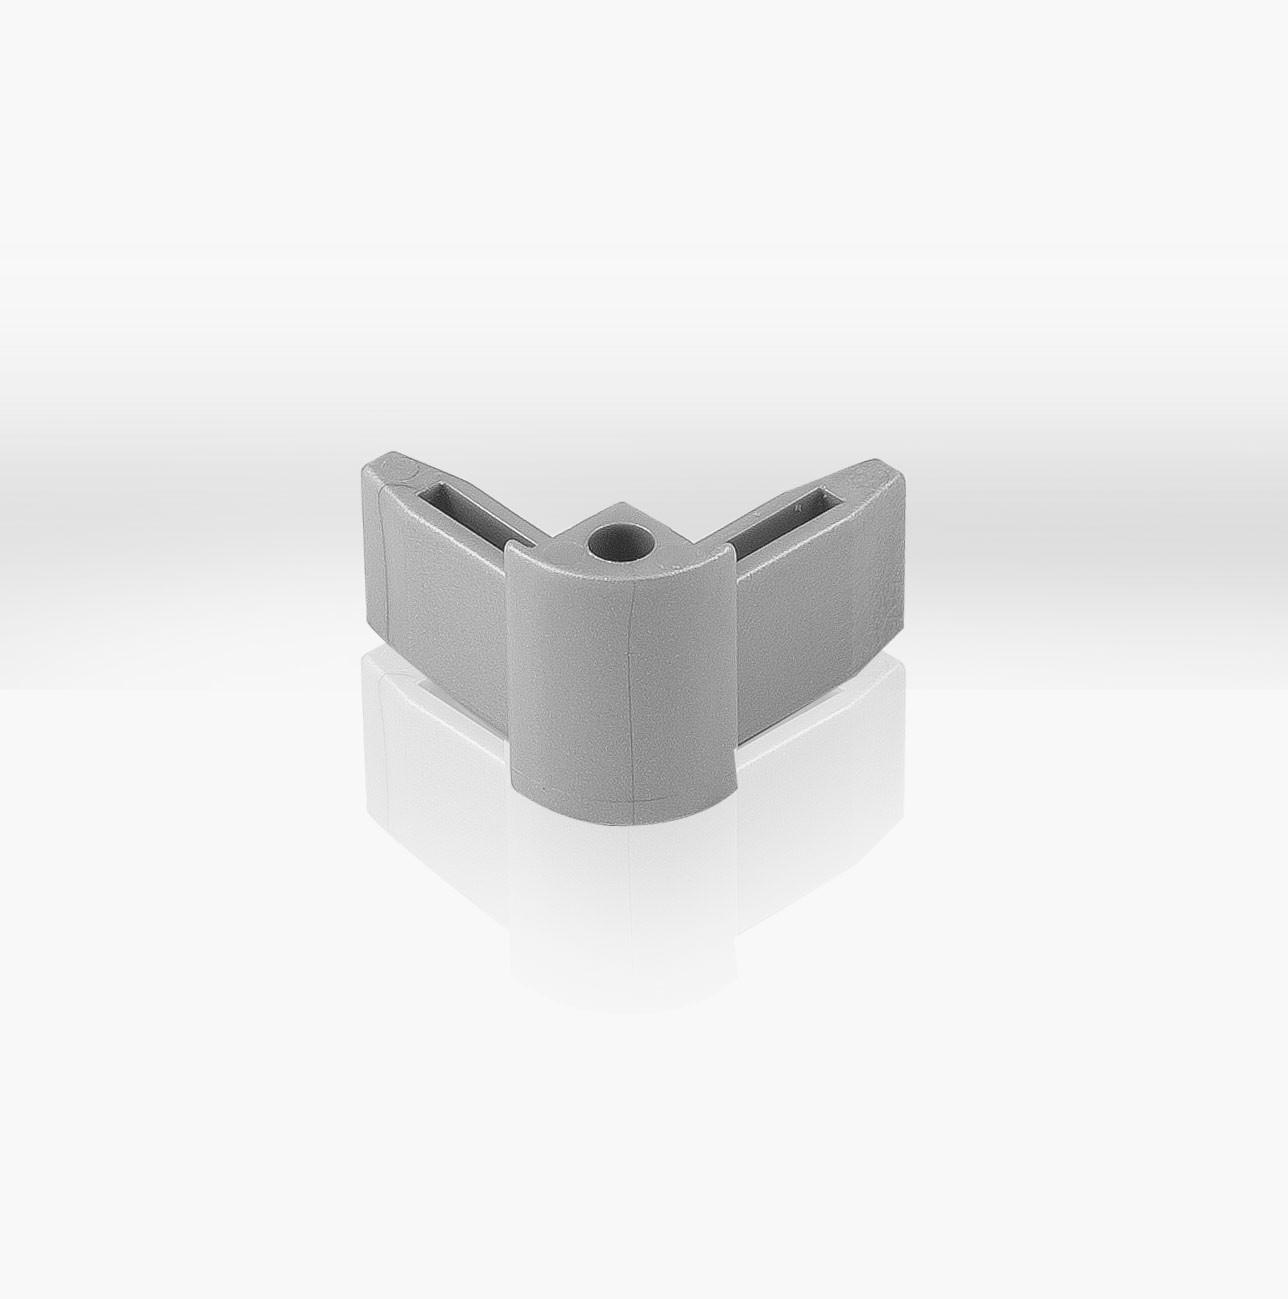 Eckverbinder für Bilderschienen in weiß oder grau